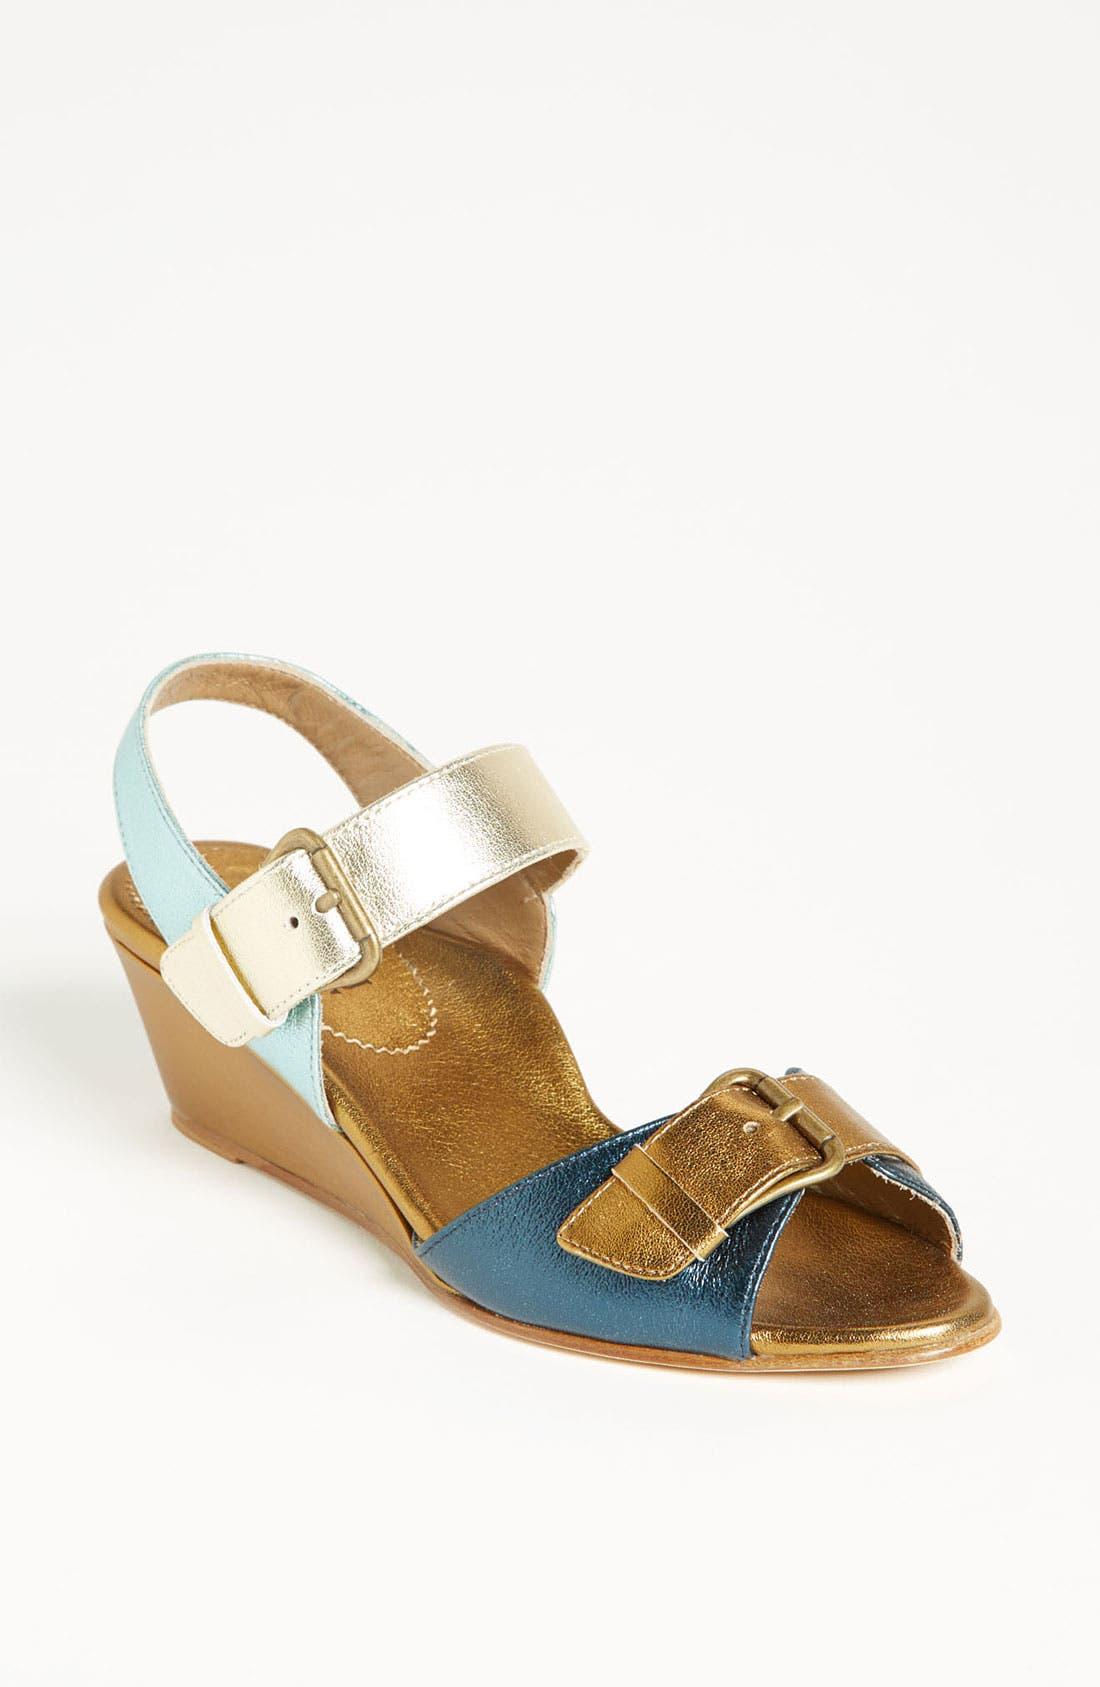 Main Image - Anyi Lu 'Daisy' Sandal